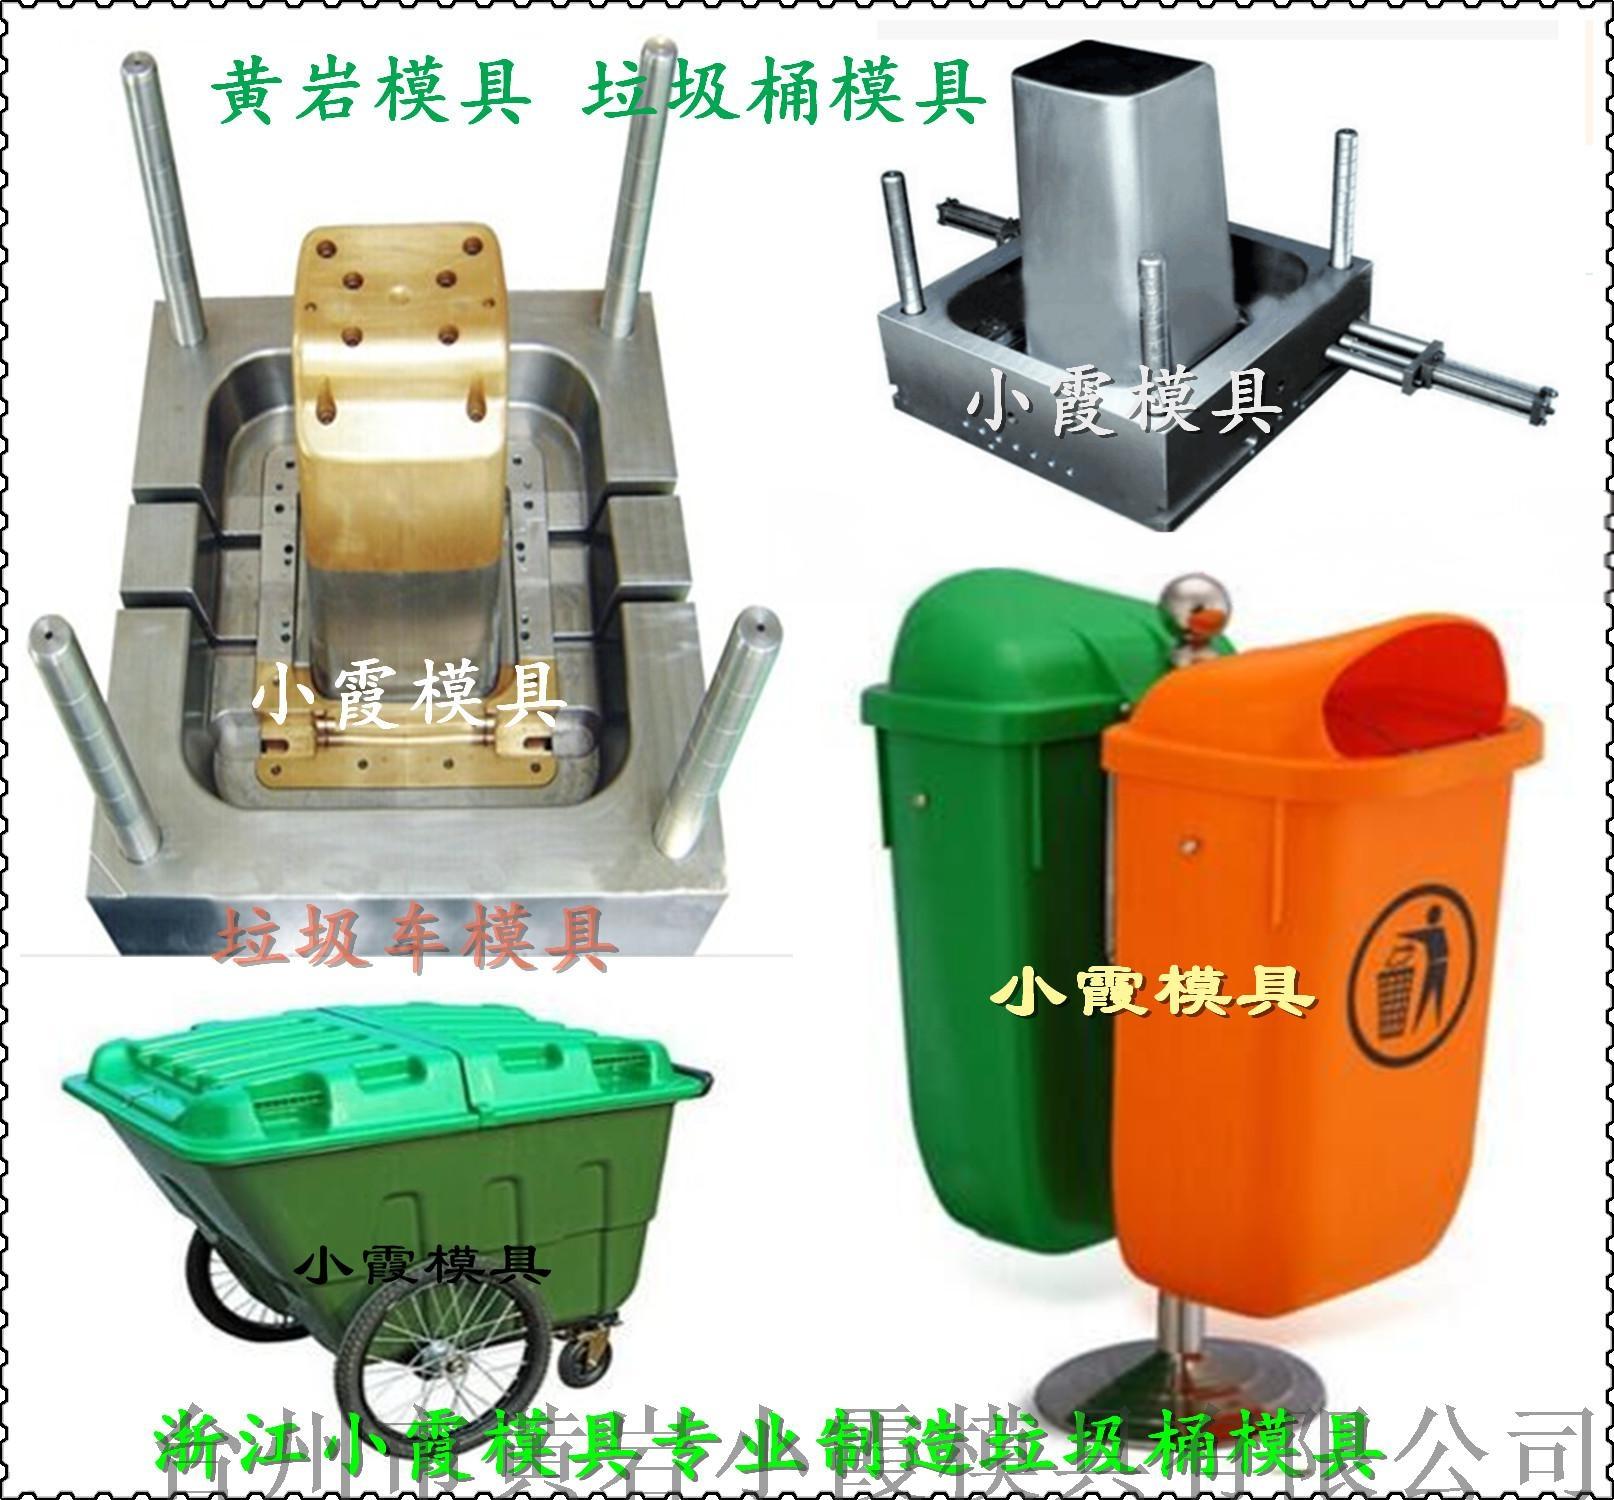 塑胶垃圾桶模具 (4).jpg